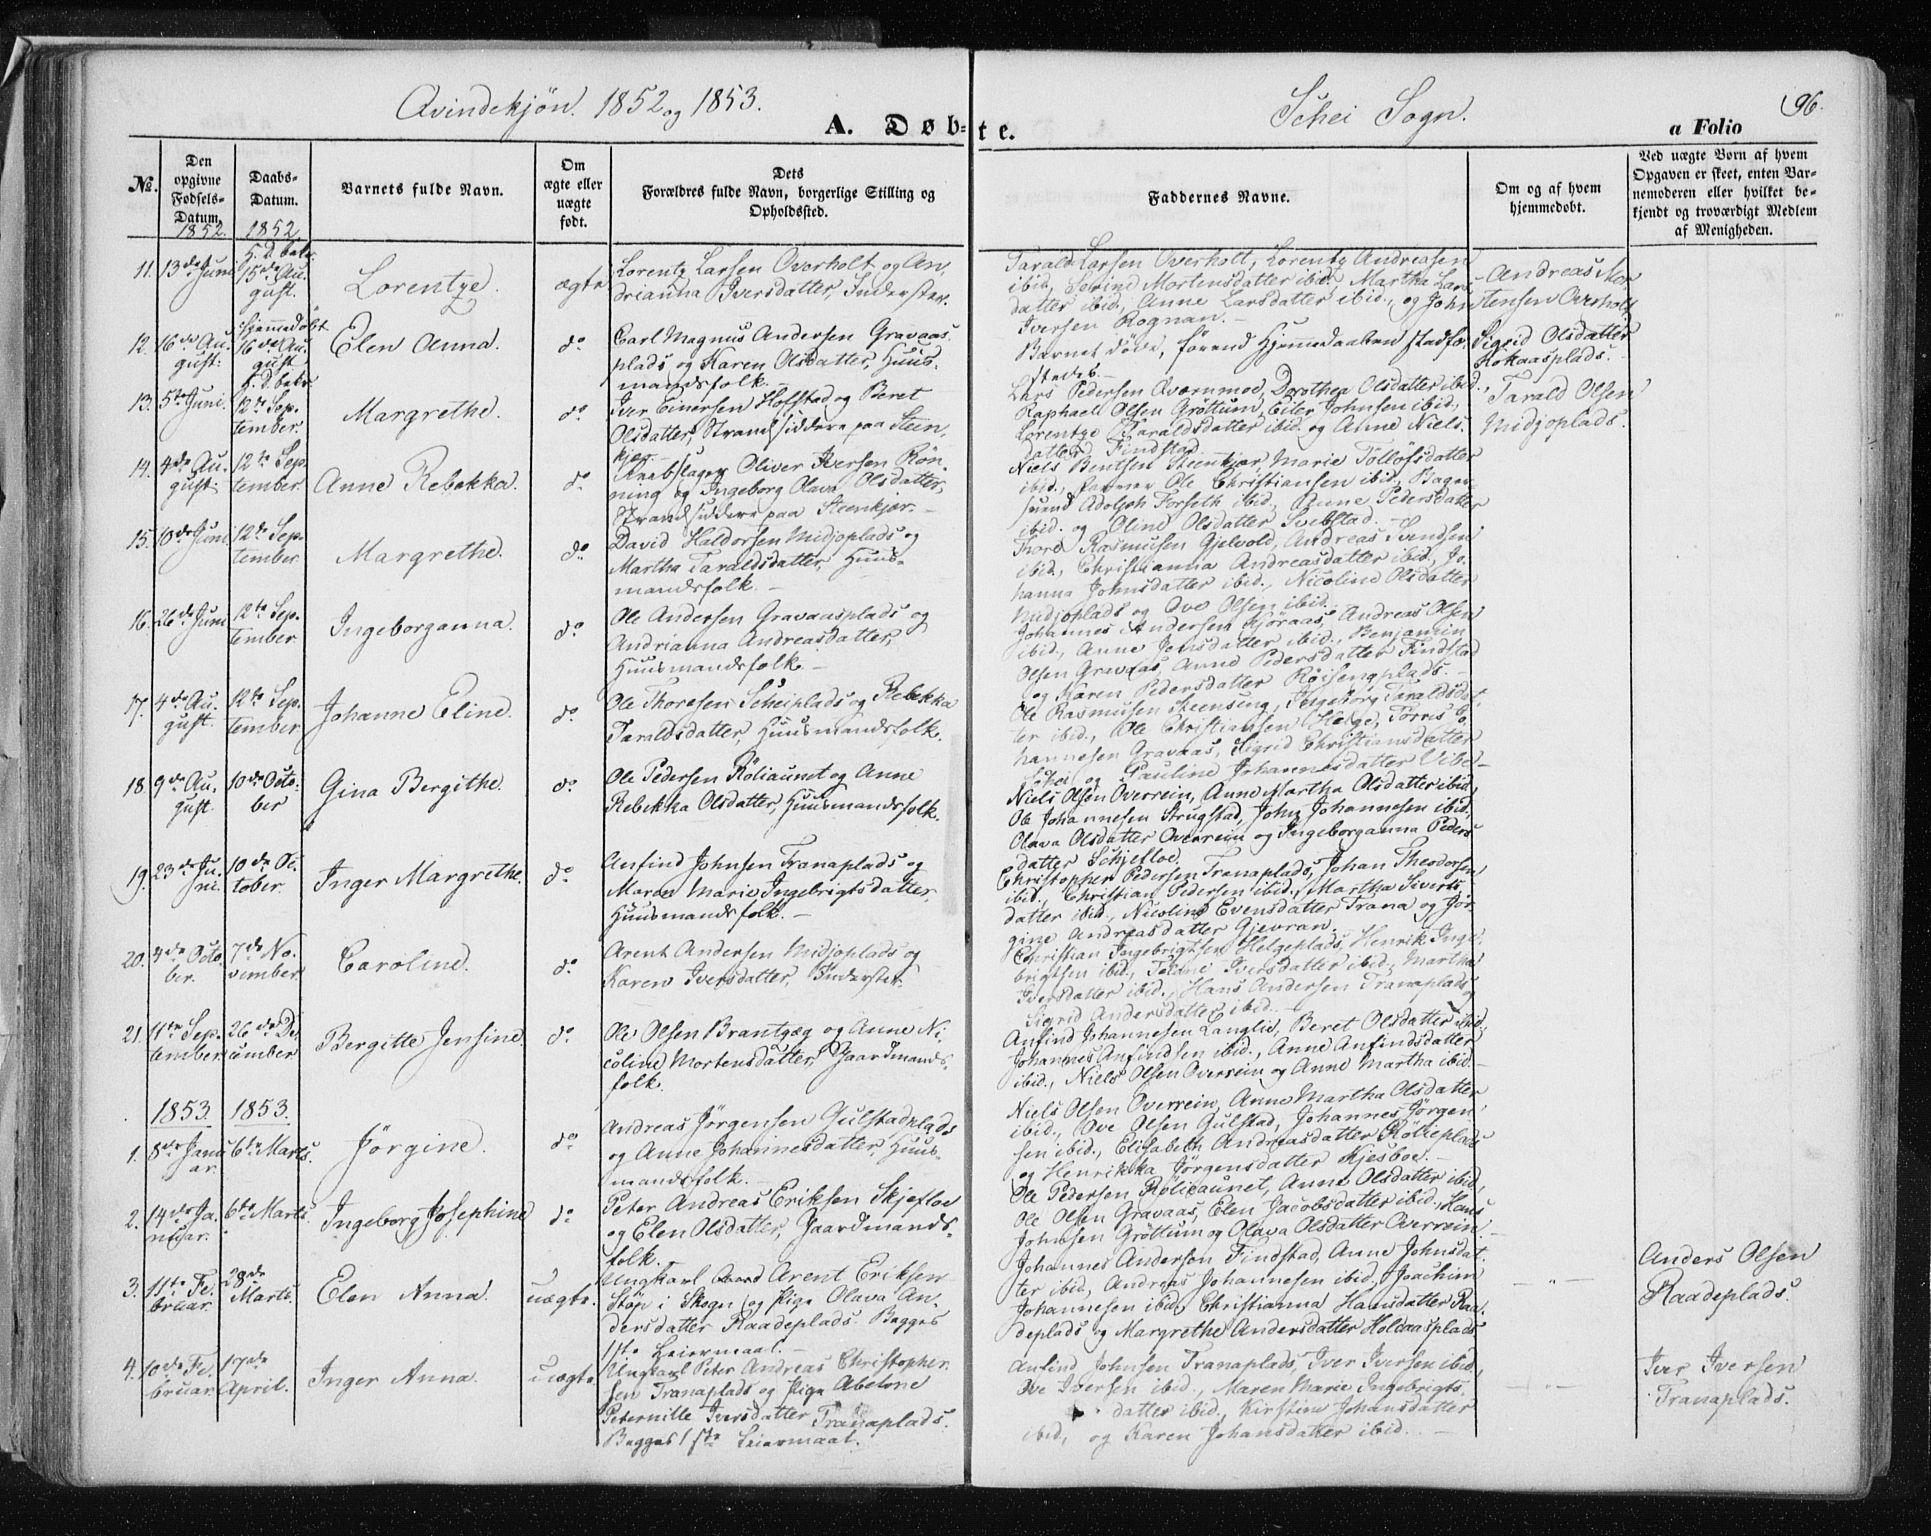 SAT, Ministerialprotokoller, klokkerbøker og fødselsregistre - Nord-Trøndelag, 735/L0342: Ministerialbok nr. 735A07 /2, 1849-1862, s. 96